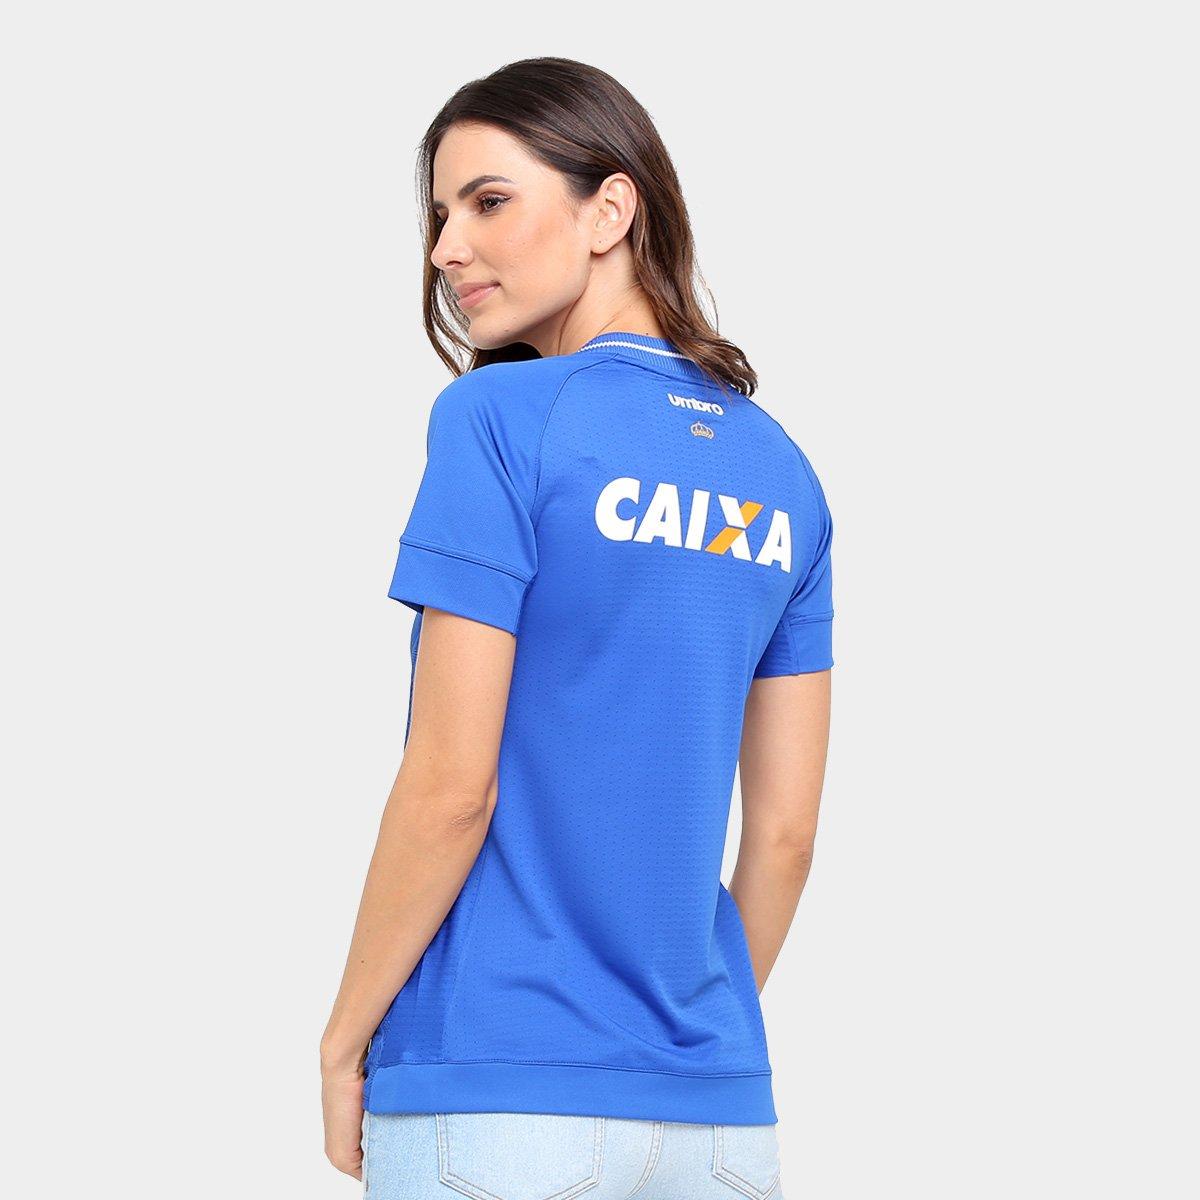 Camisa Cruzeiro I 17 18 s nº Torcedor Umbro Feminina - Compre Agora ... 9f5630c9ca8a2